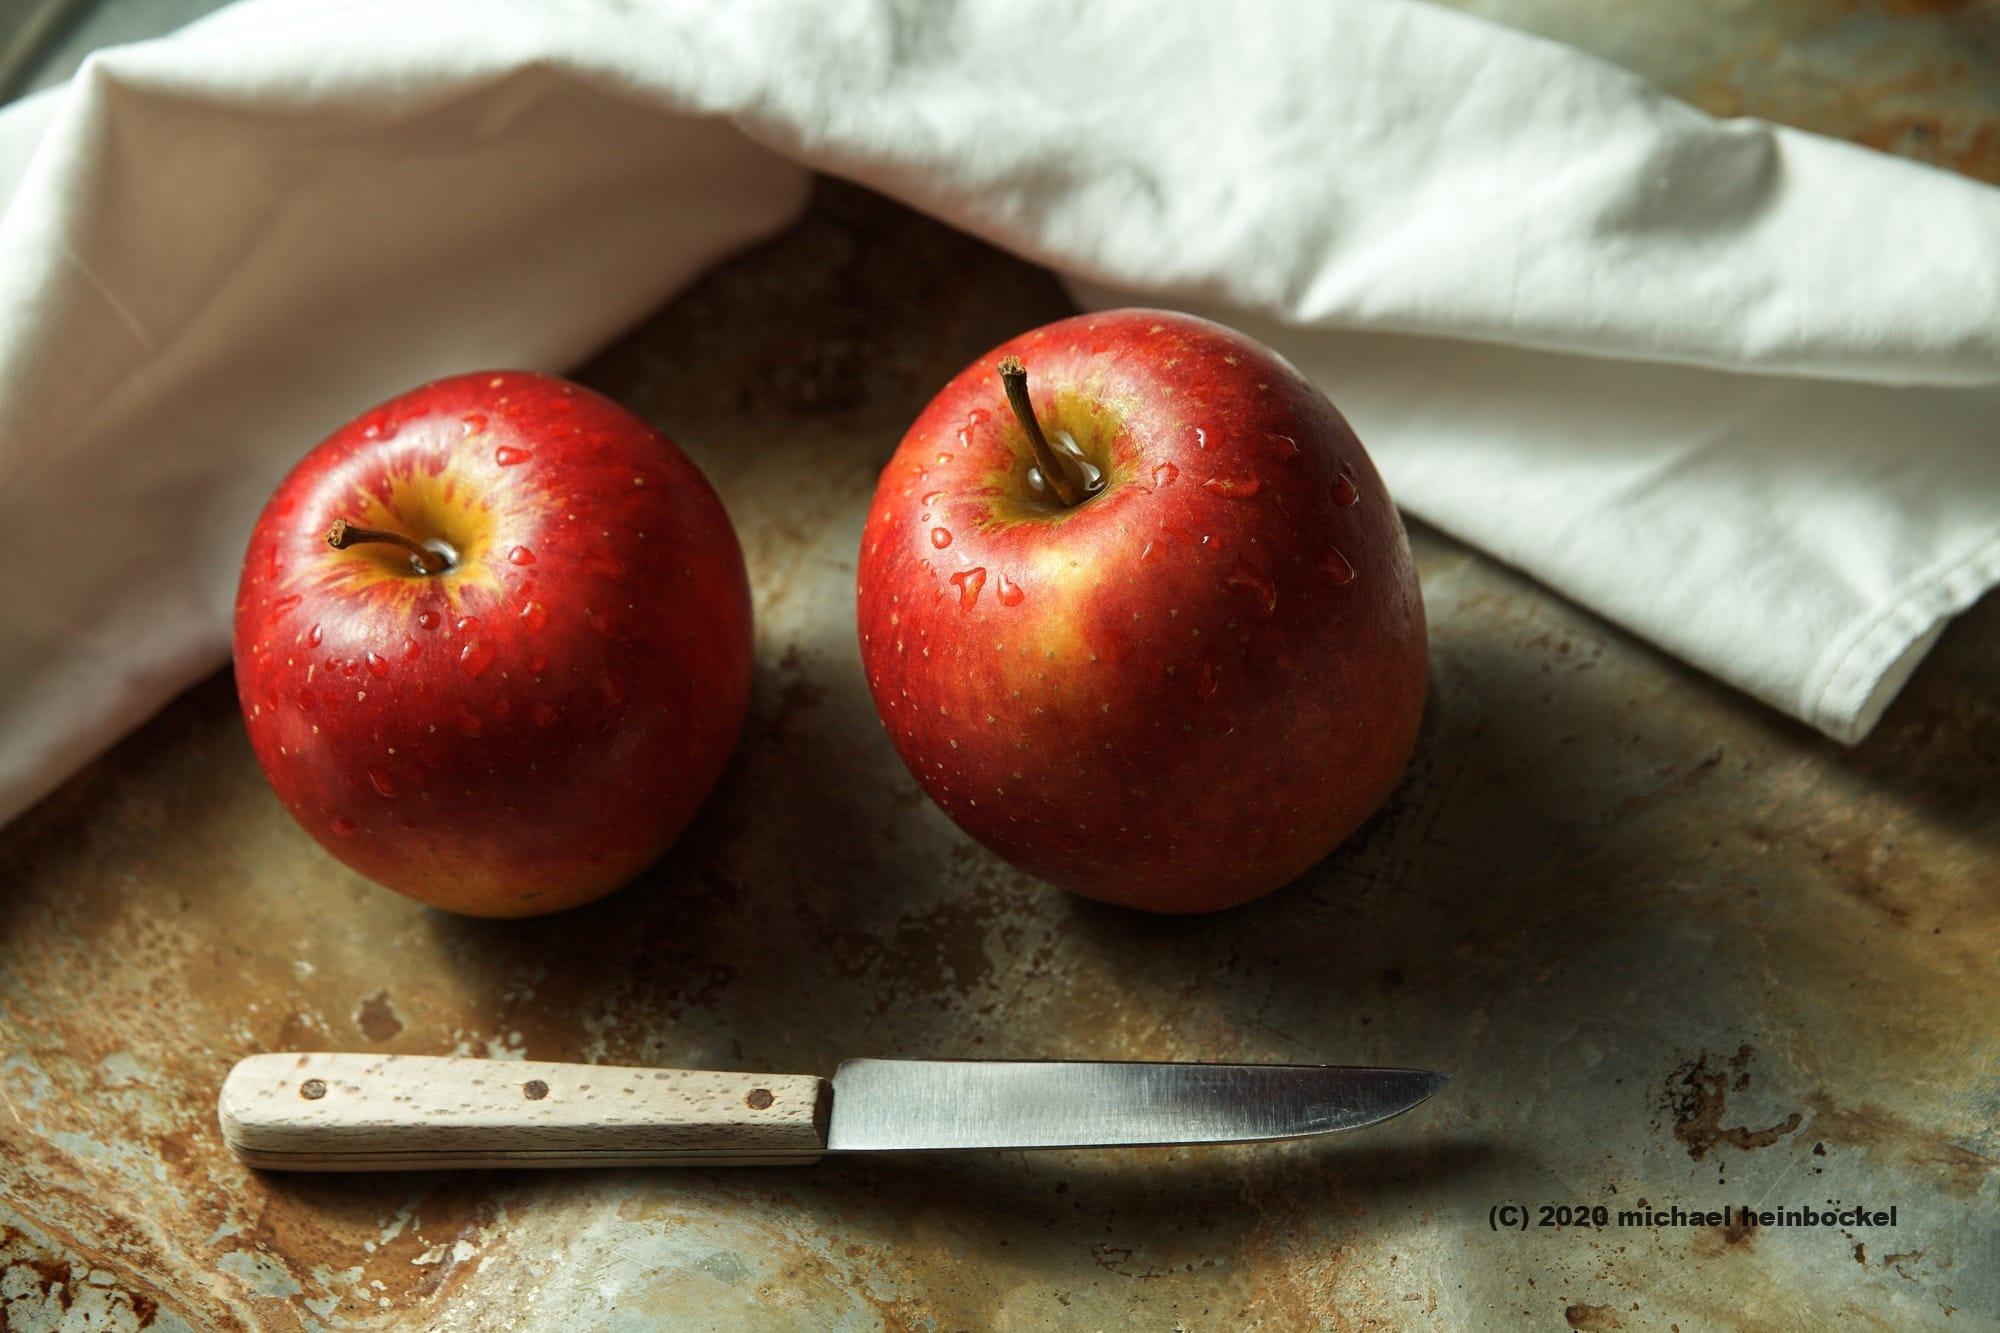 Äpfel (Galerie)